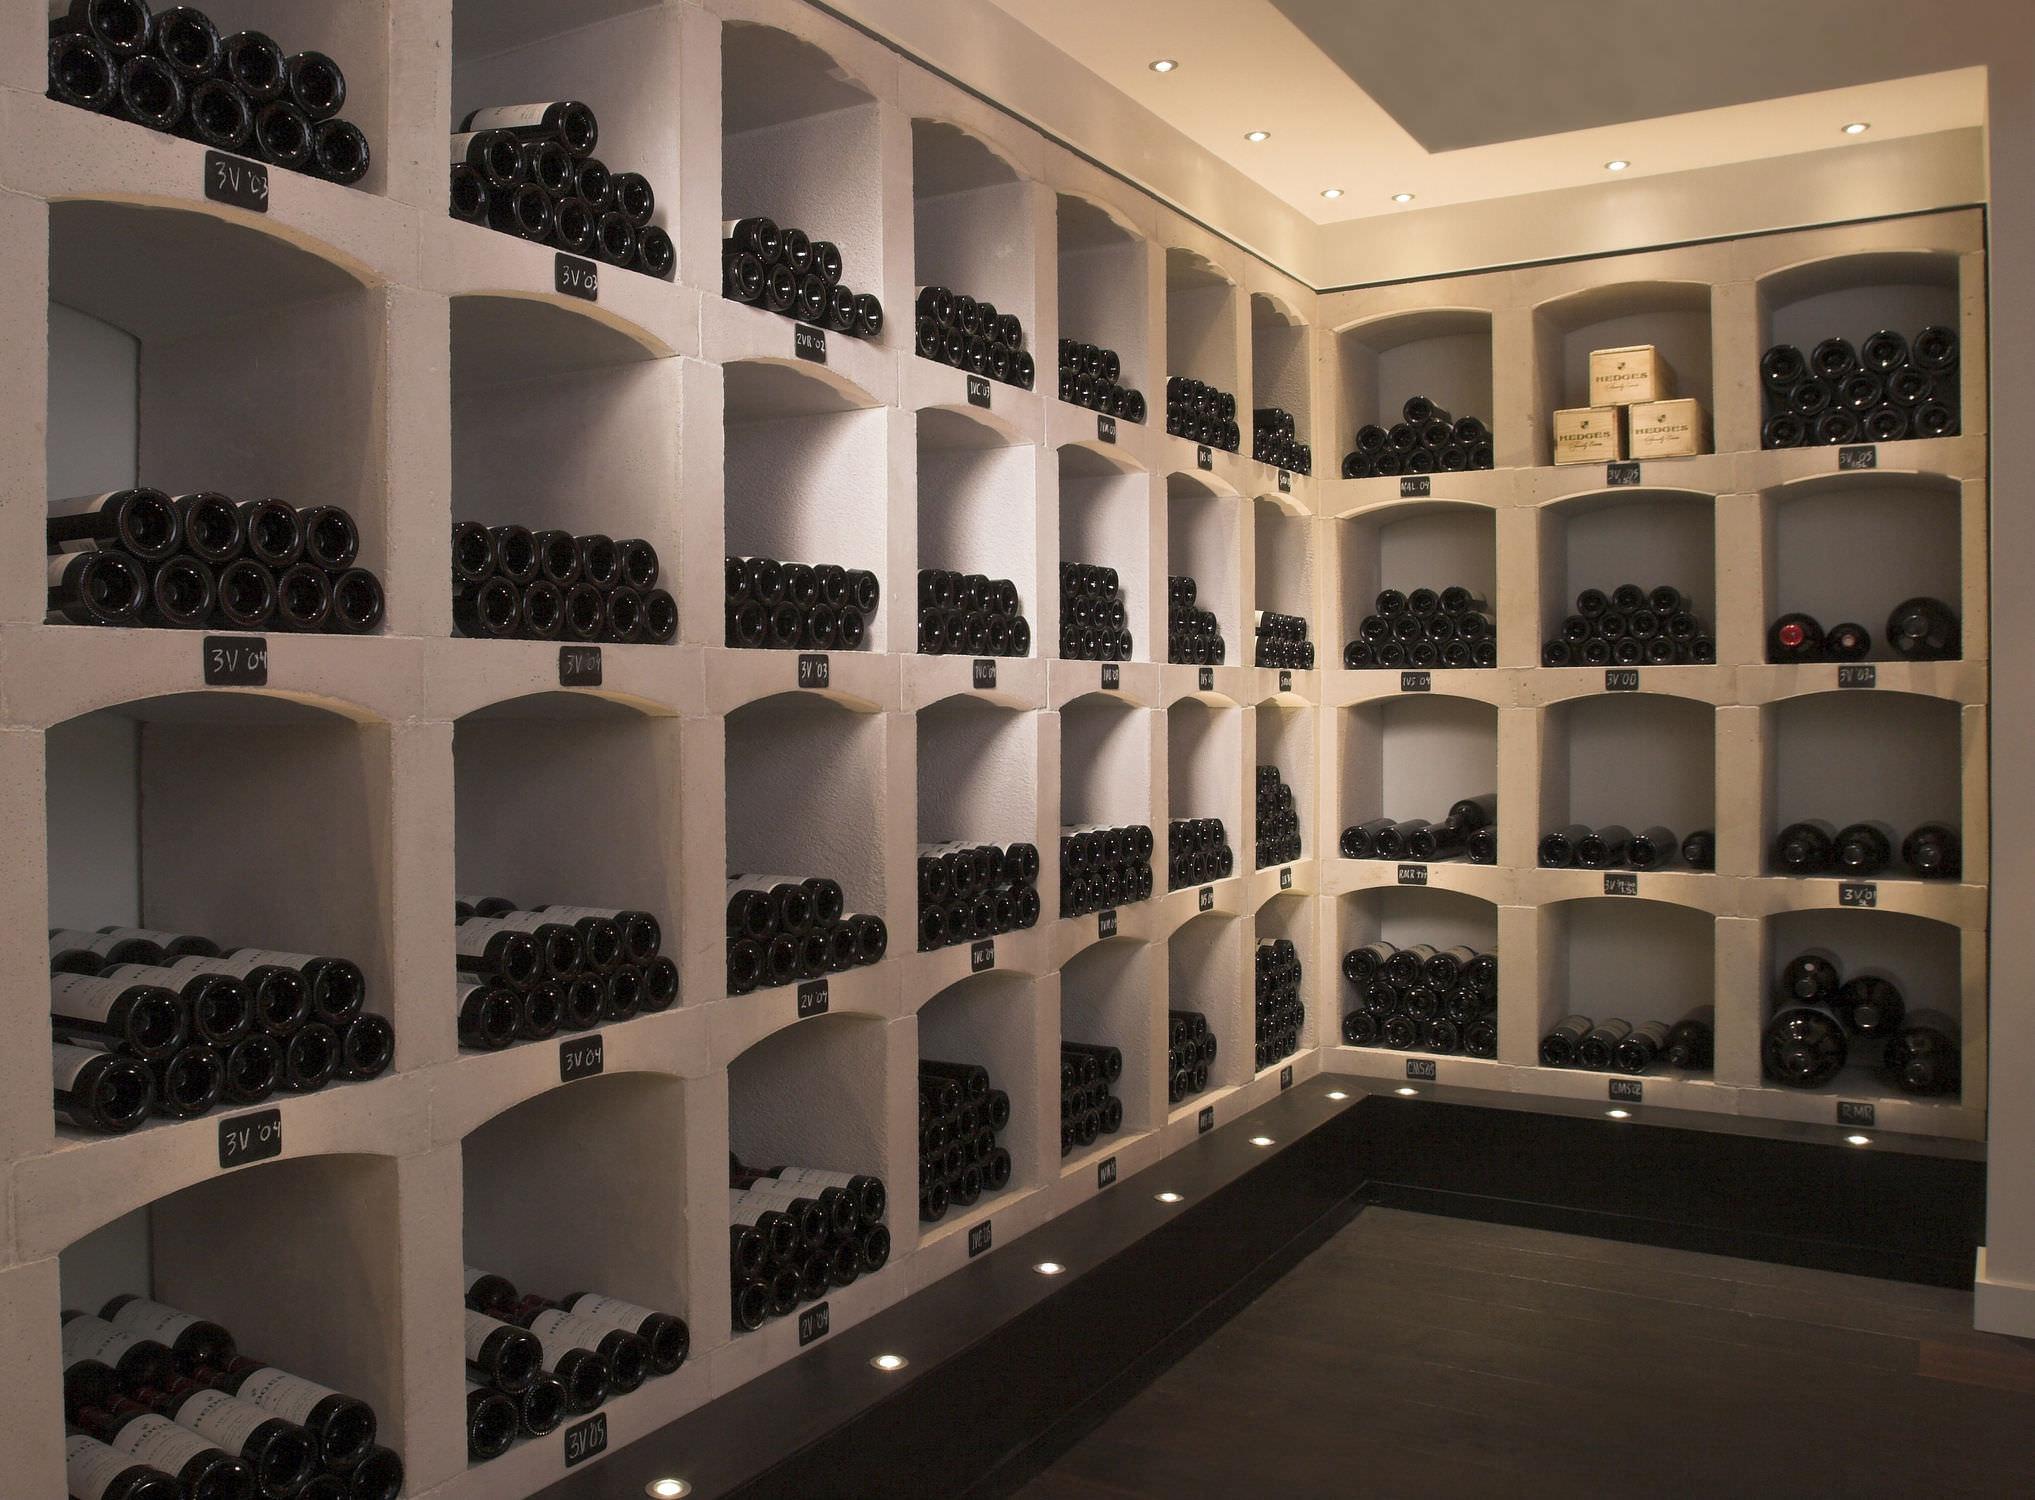 armoire a vin excellent cave a vin cuisine cave a vin cuisine prevnext cave a vin cuisinella. Black Bedroom Furniture Sets. Home Design Ideas